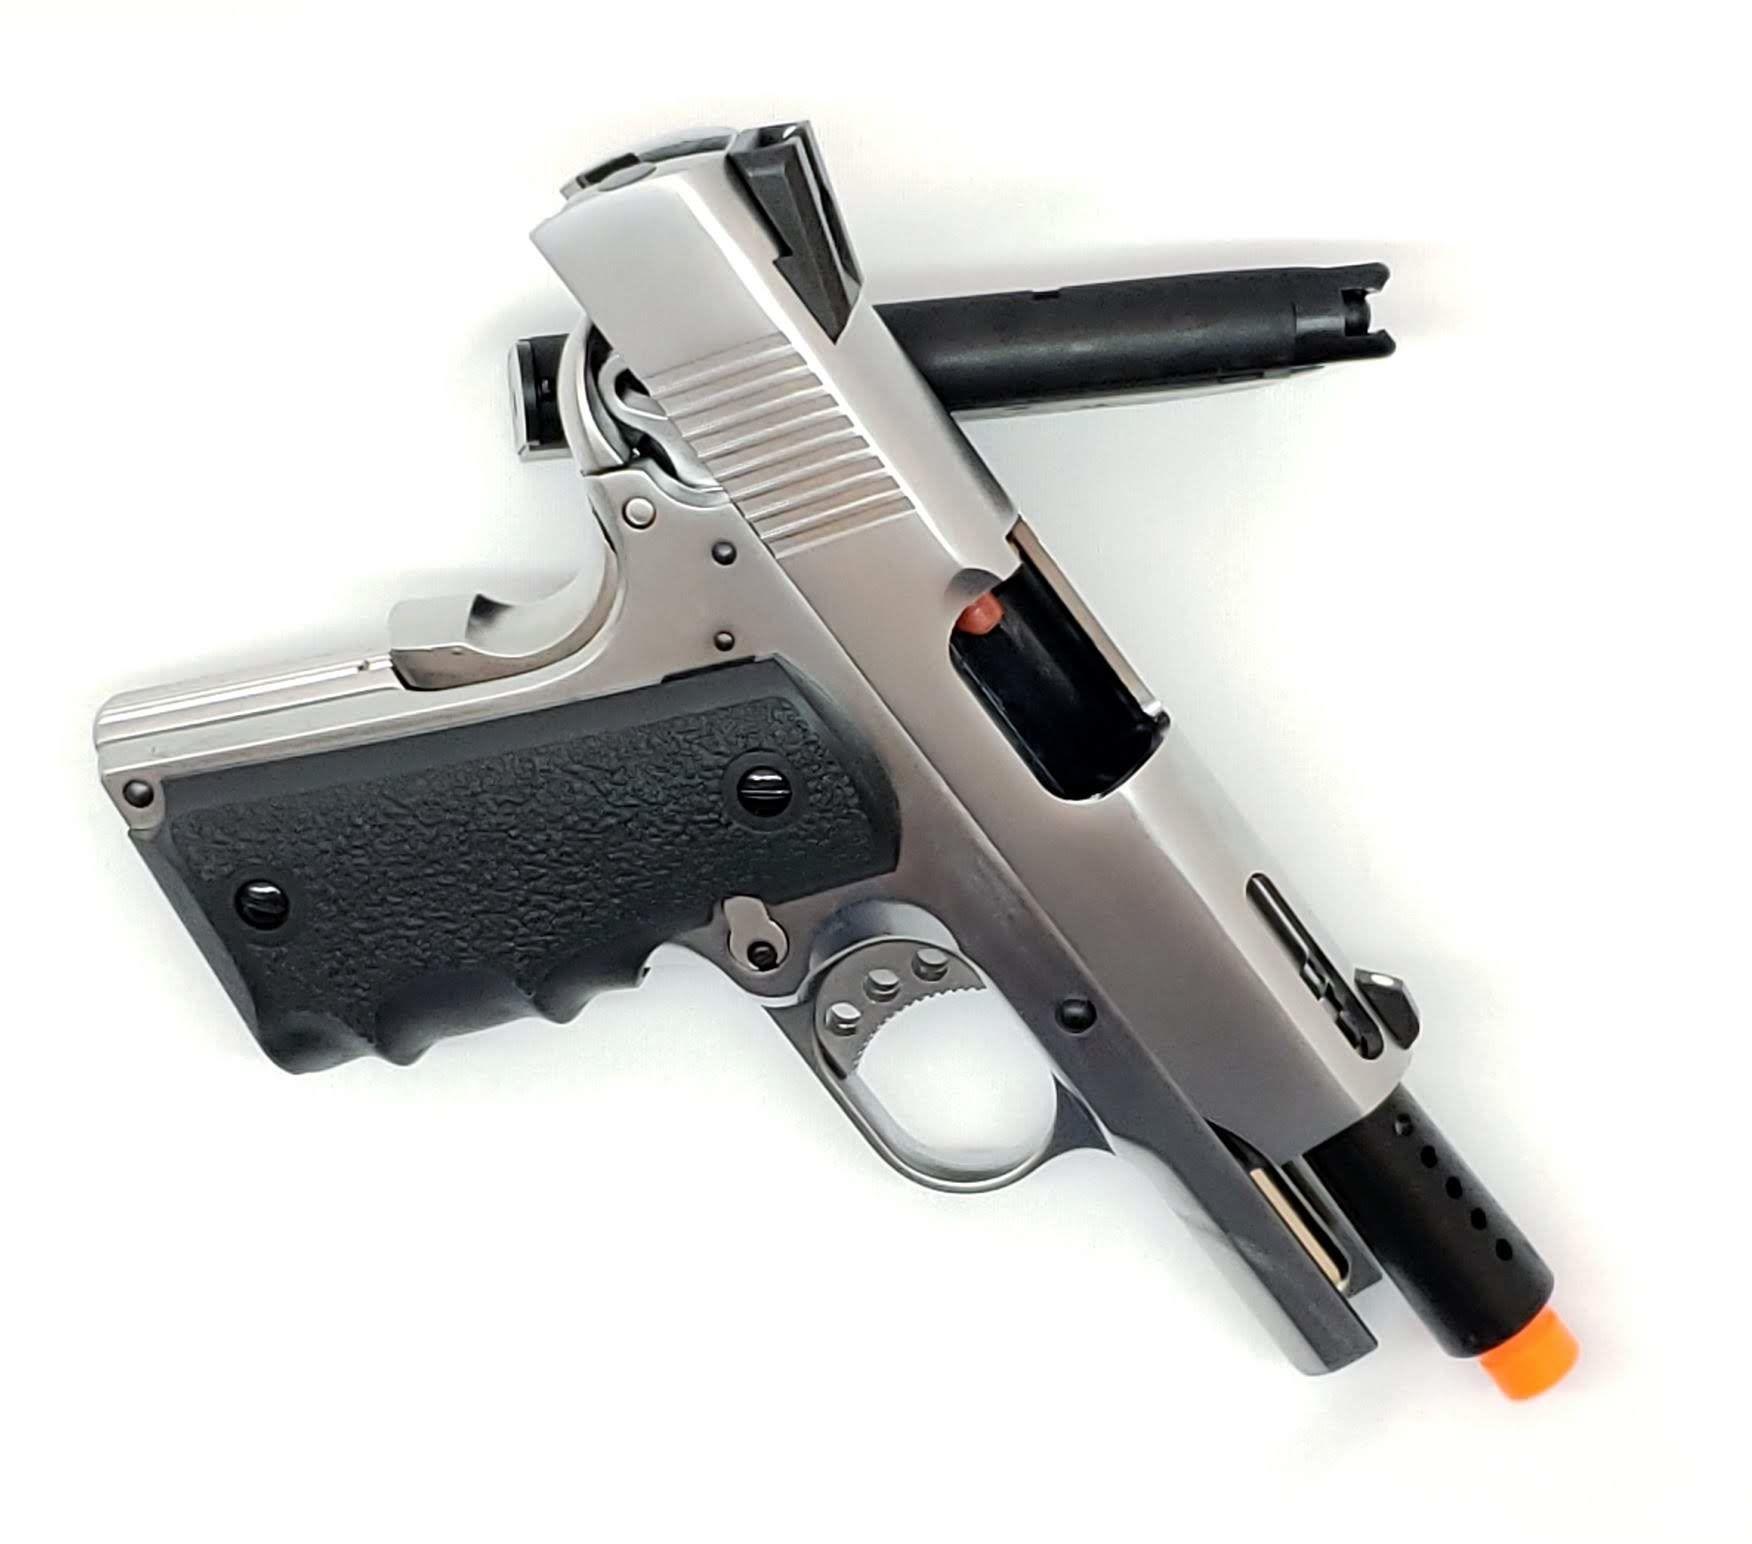 Pistola Airsoft Armorer Works 1911 NE1001